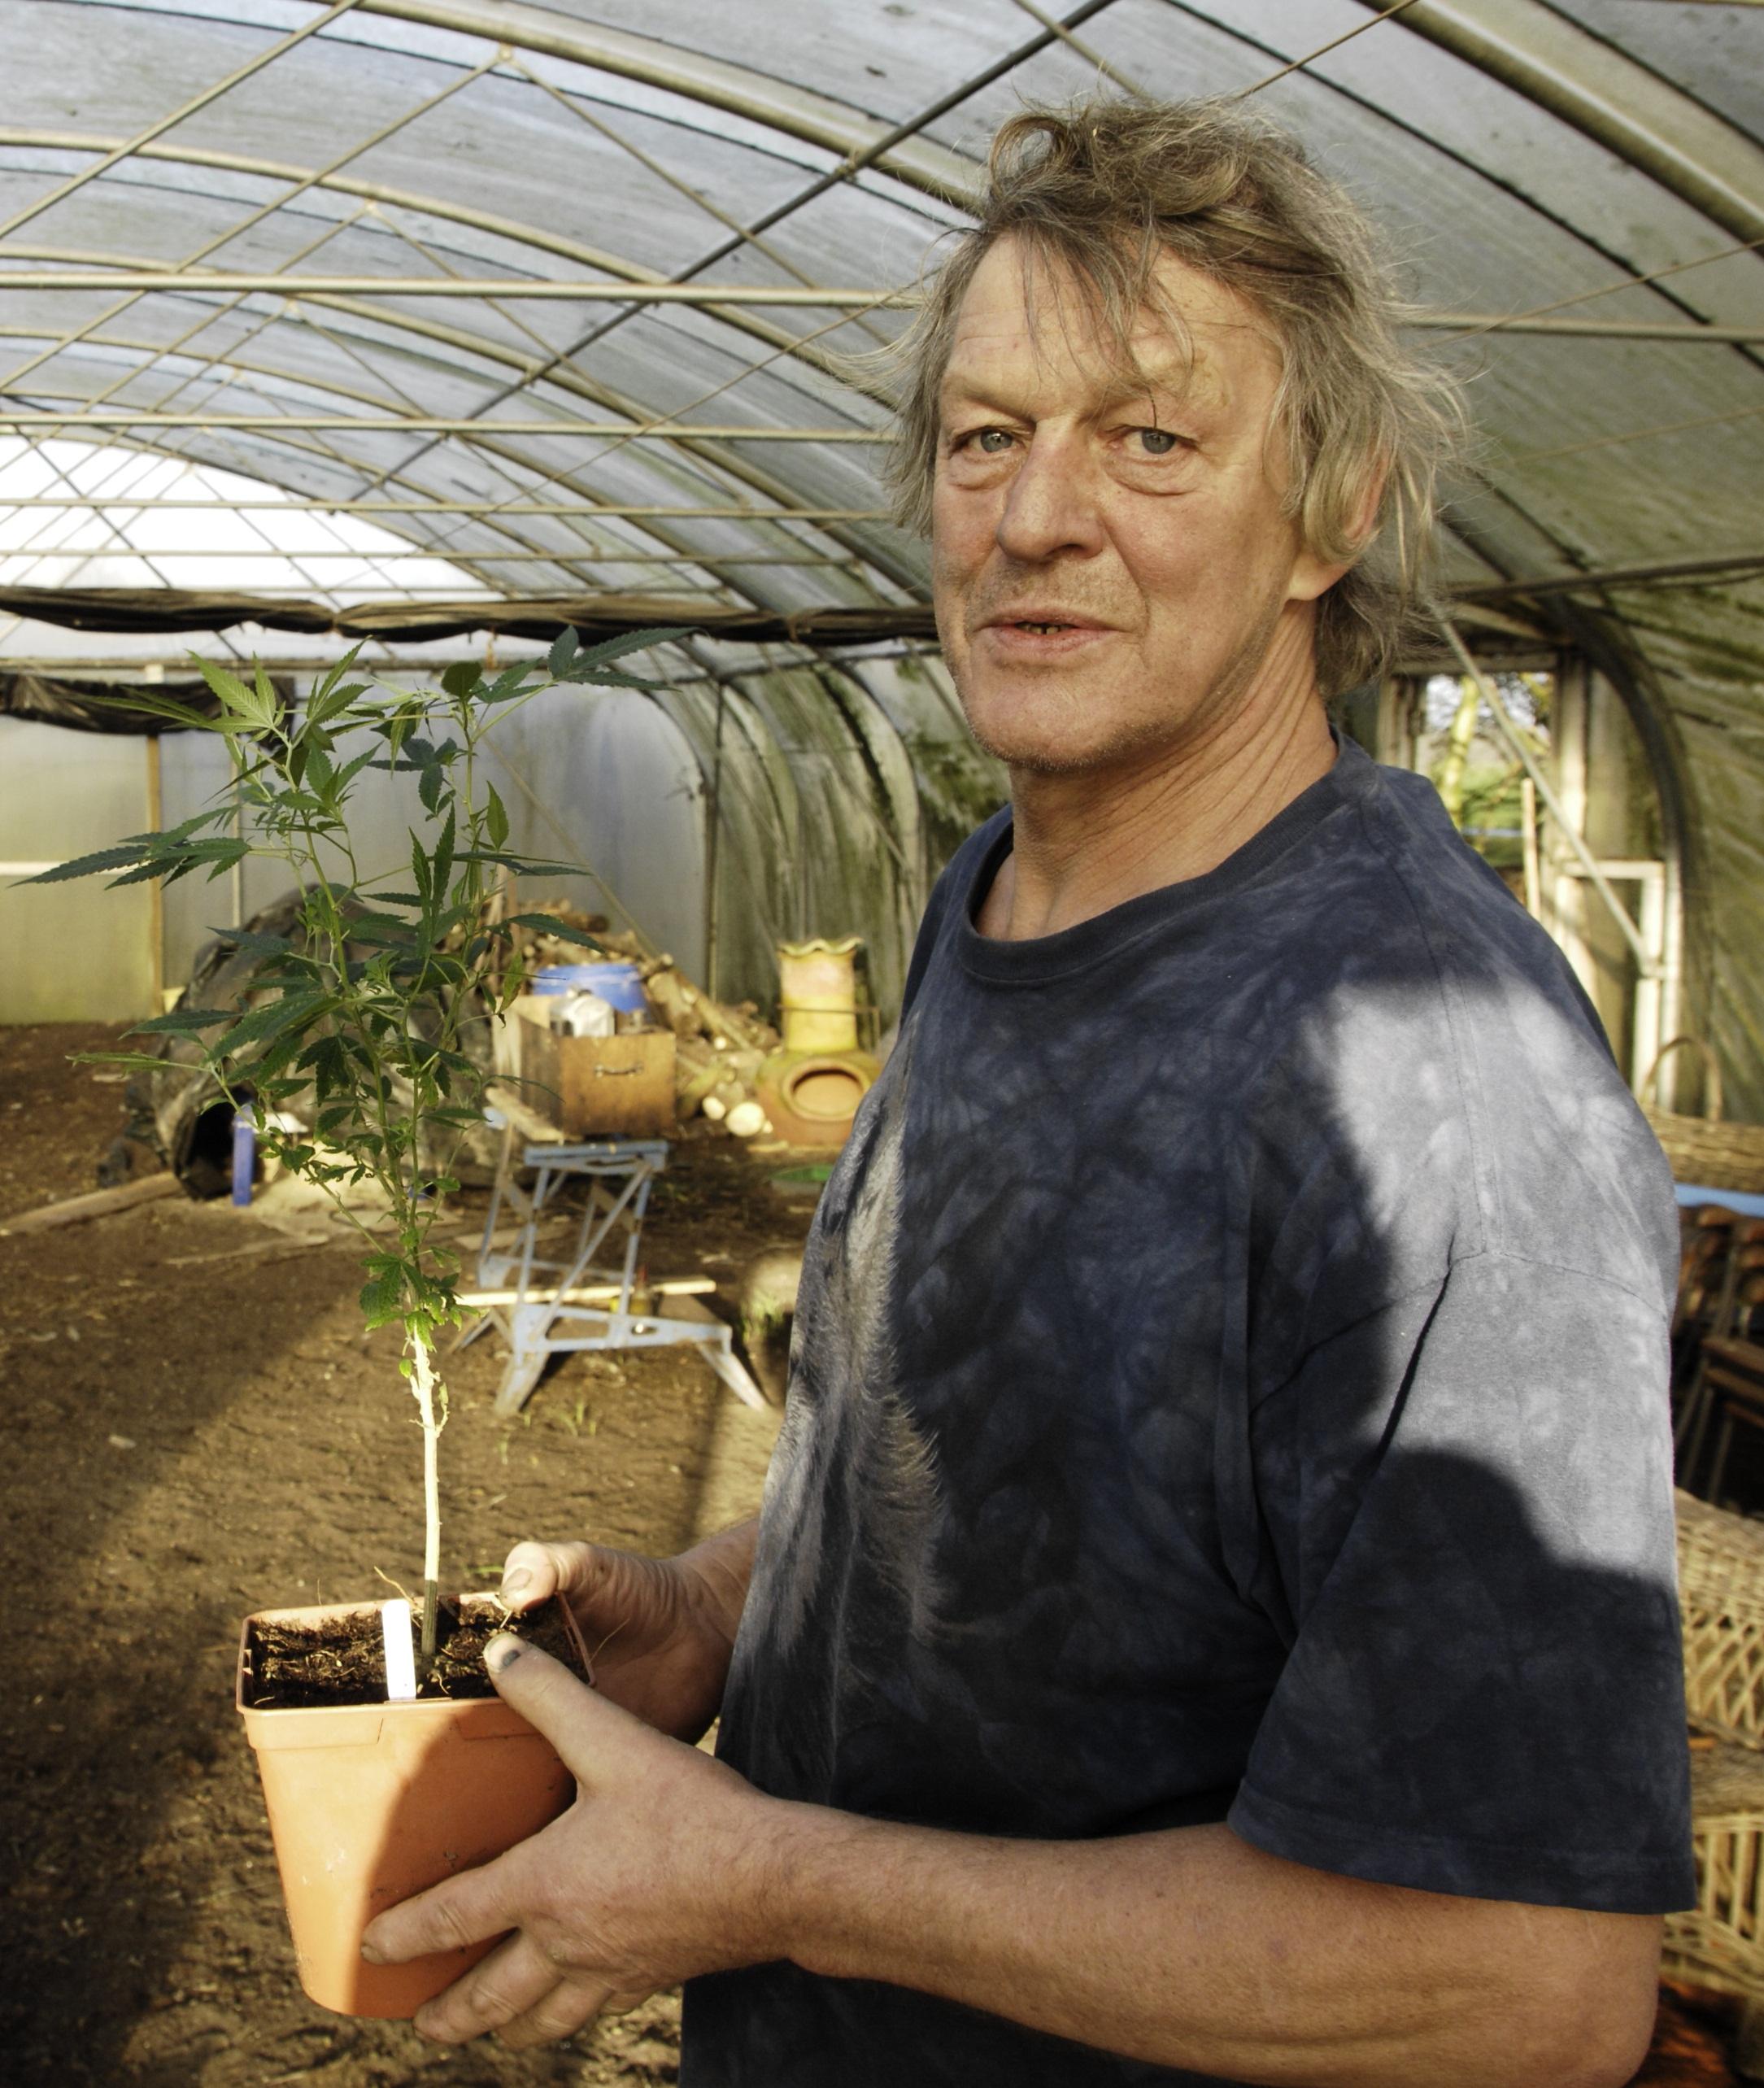 De Friese wietkweker Doede de Jong teelt biologische kaswiet, tenminste als justitie zijn oogst niet confisqueert... [Foto: Gonzo media]